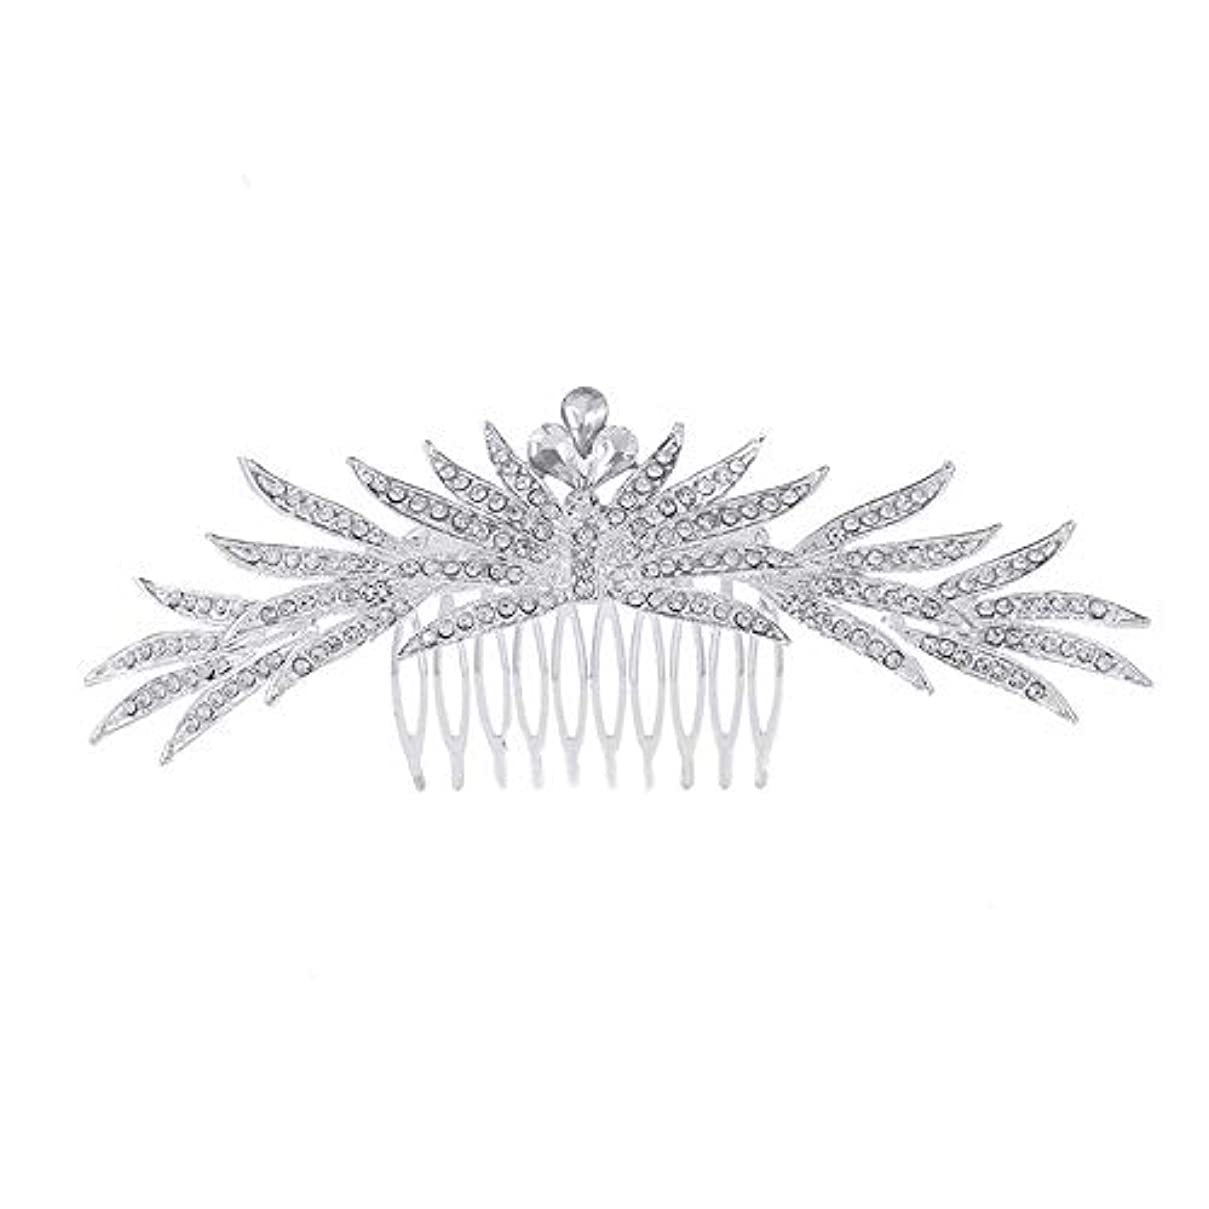 髪の櫛の櫛の櫛花嫁の髪の櫛ラインストーンの櫛亜鉛合金ブライダルヘッドドレス結婚式のアクセサリー挿入櫛